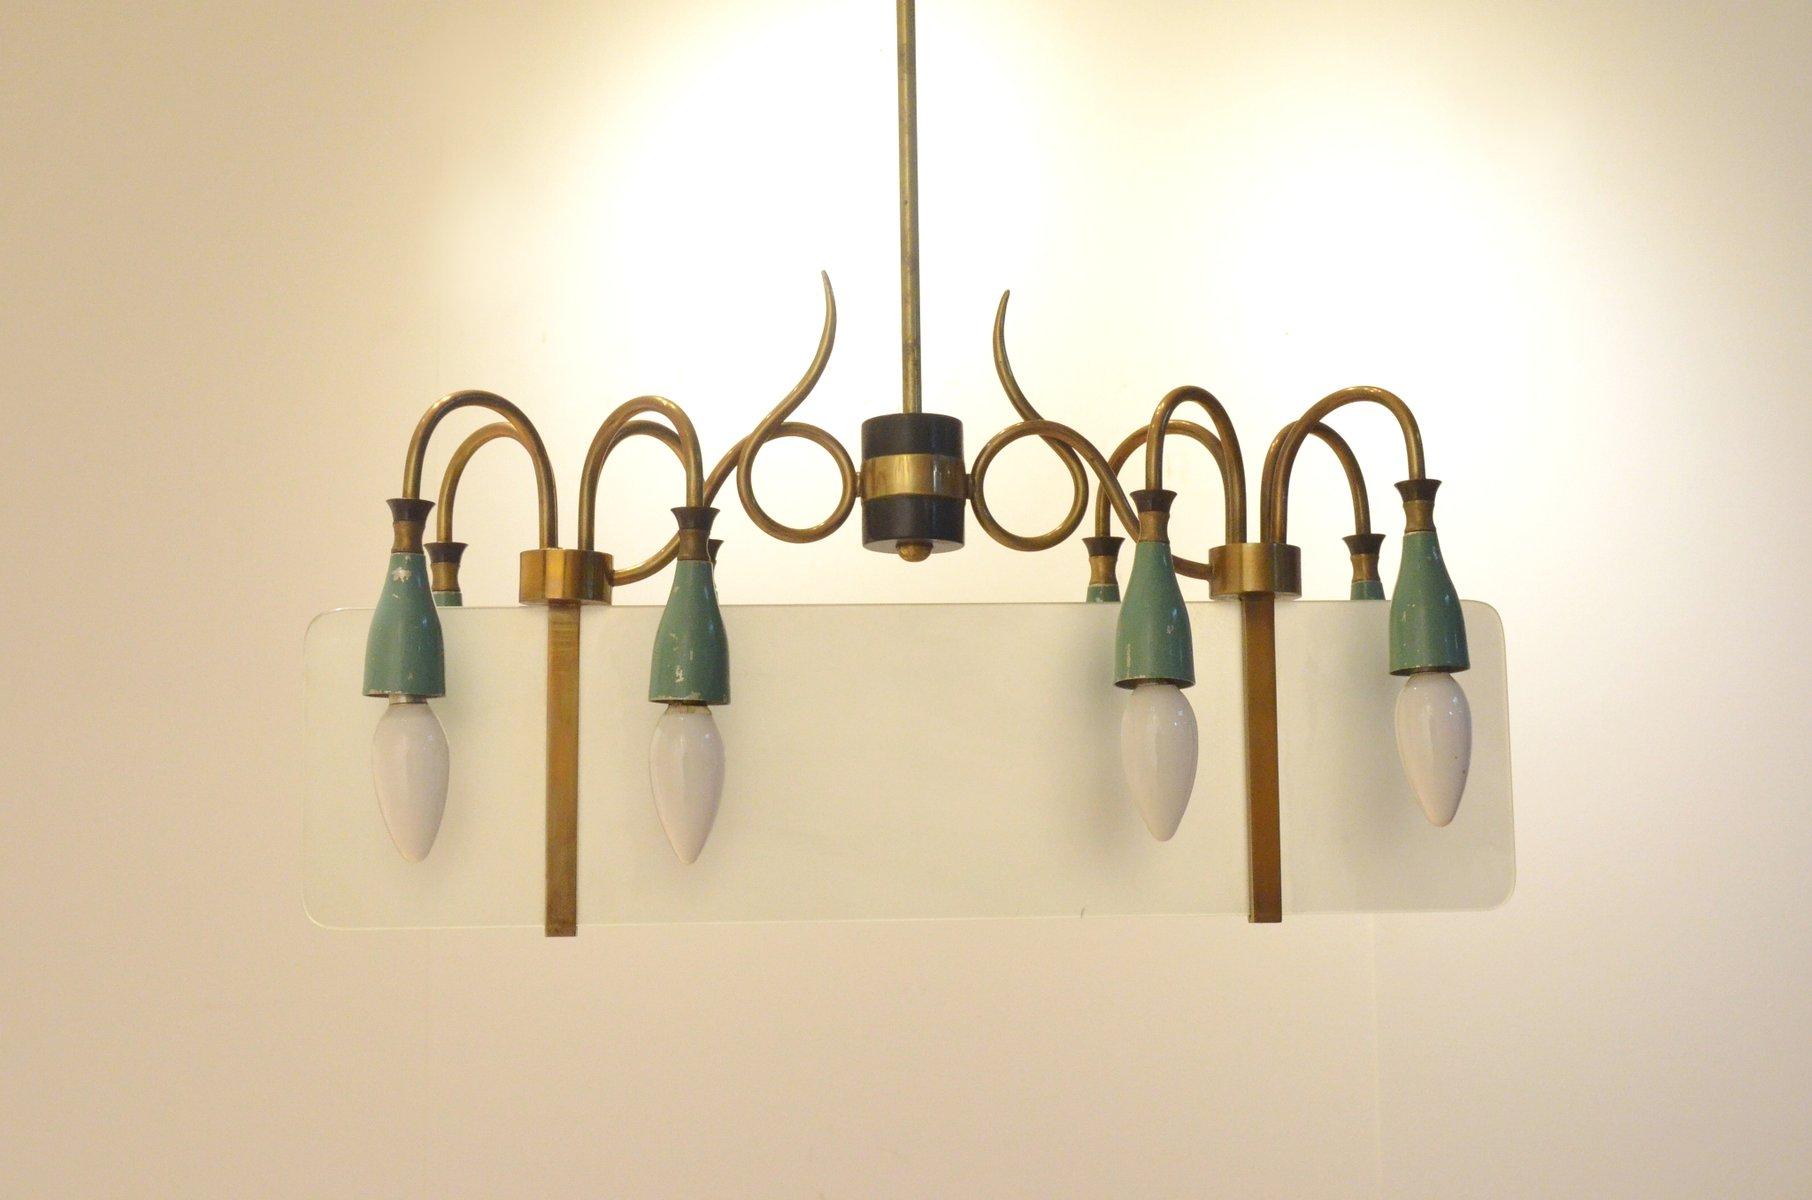 chandelier mid century en verre sabl laiton italie en vente sur pamono. Black Bedroom Furniture Sets. Home Design Ideas